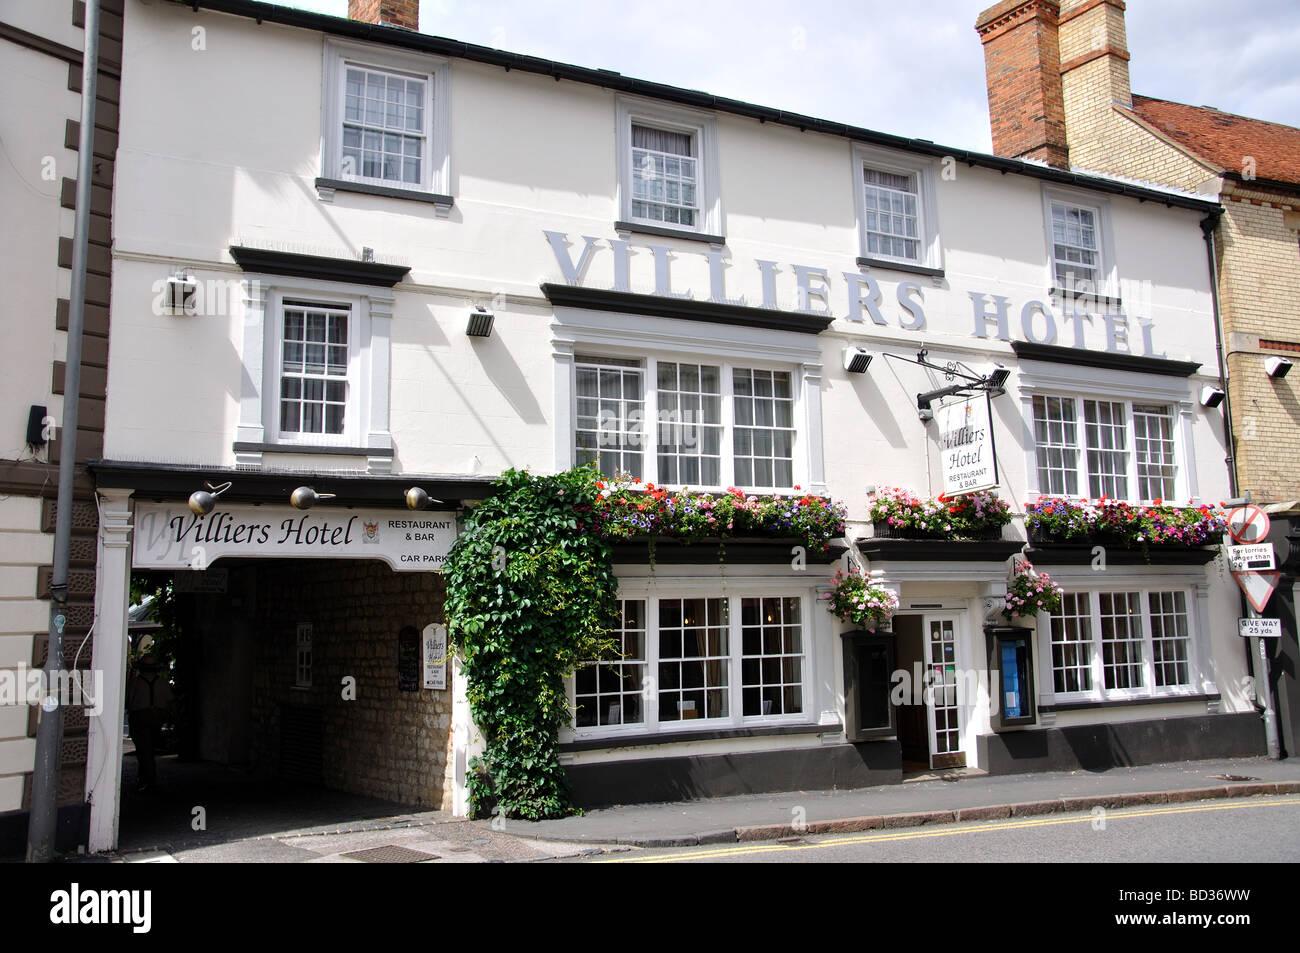 Villiers Hotel Castle Street Buckingham Buckinghamshire